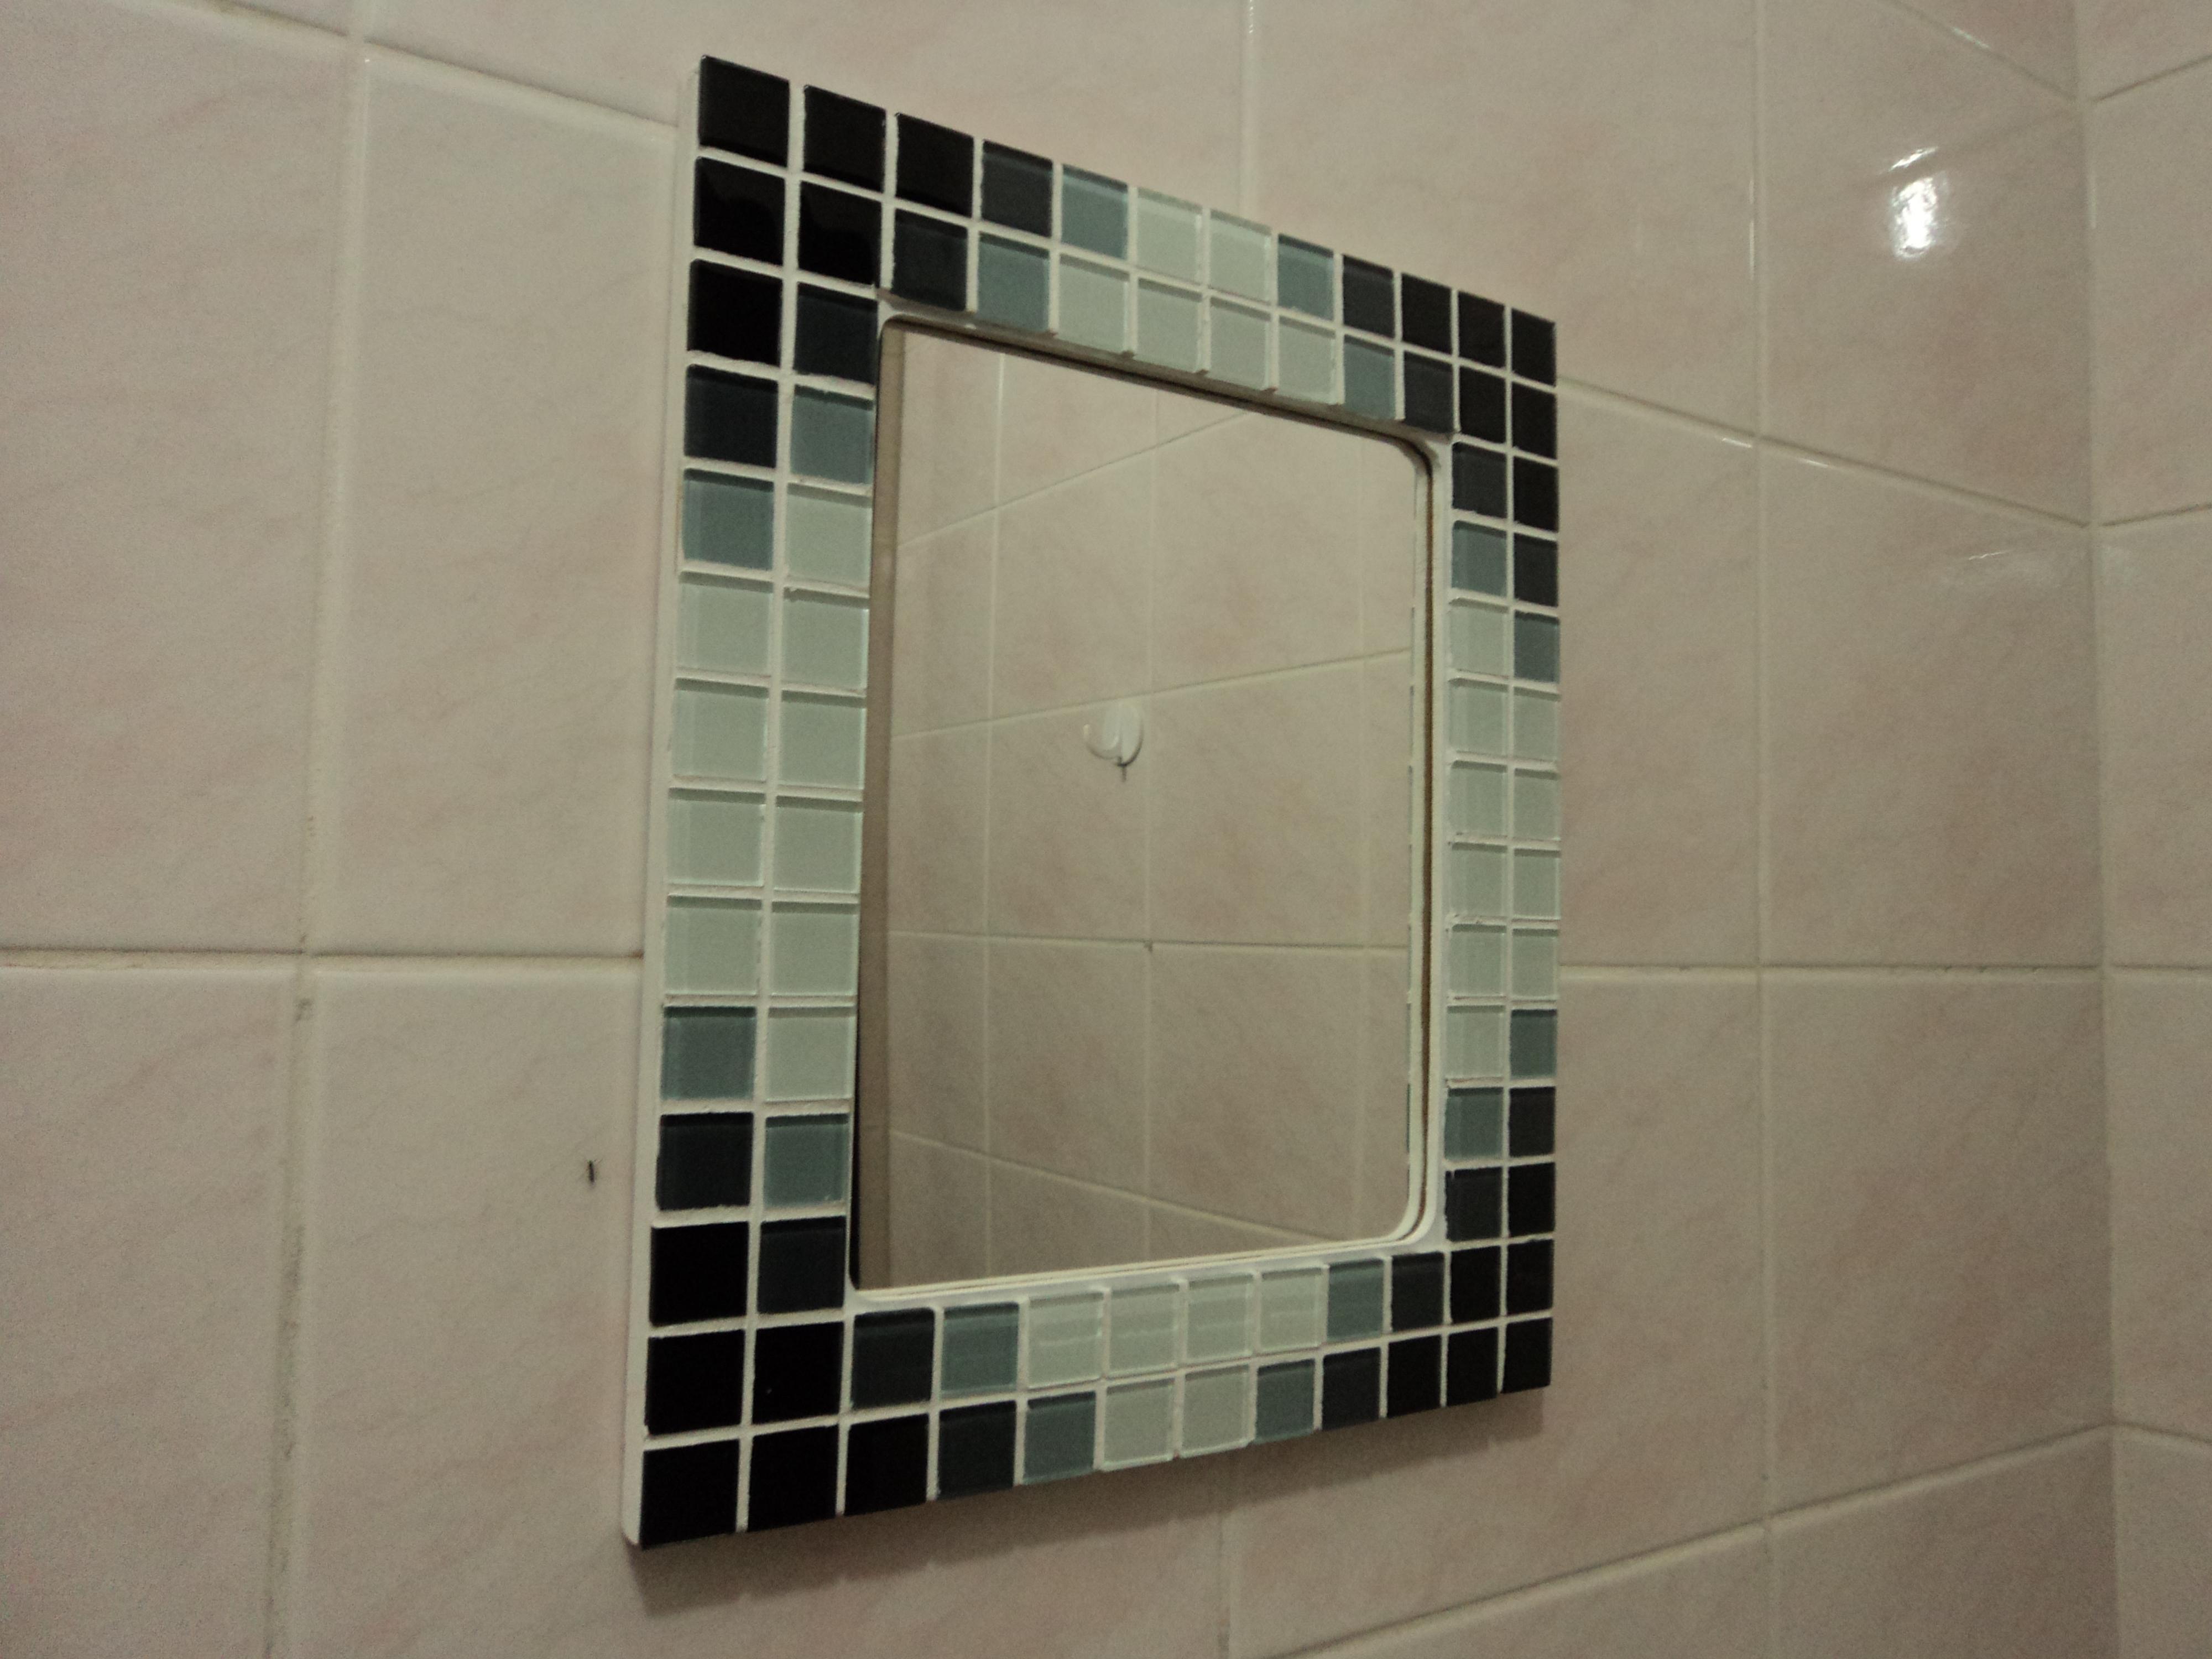 espelho com moldura em mosaico gelatti pastilha de vidro espelho #594F3C 4000x3000 Banheiro Com Pastilha Espelho